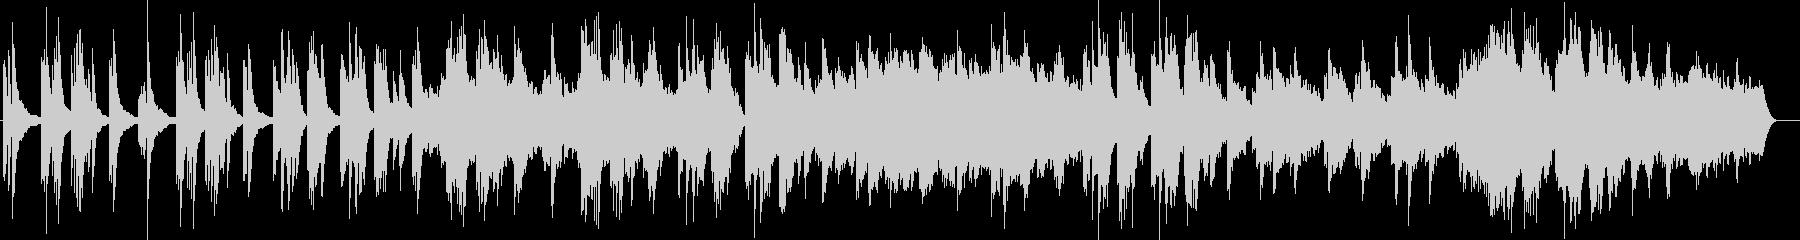 切ない感じのするピアノ曲の未再生の波形